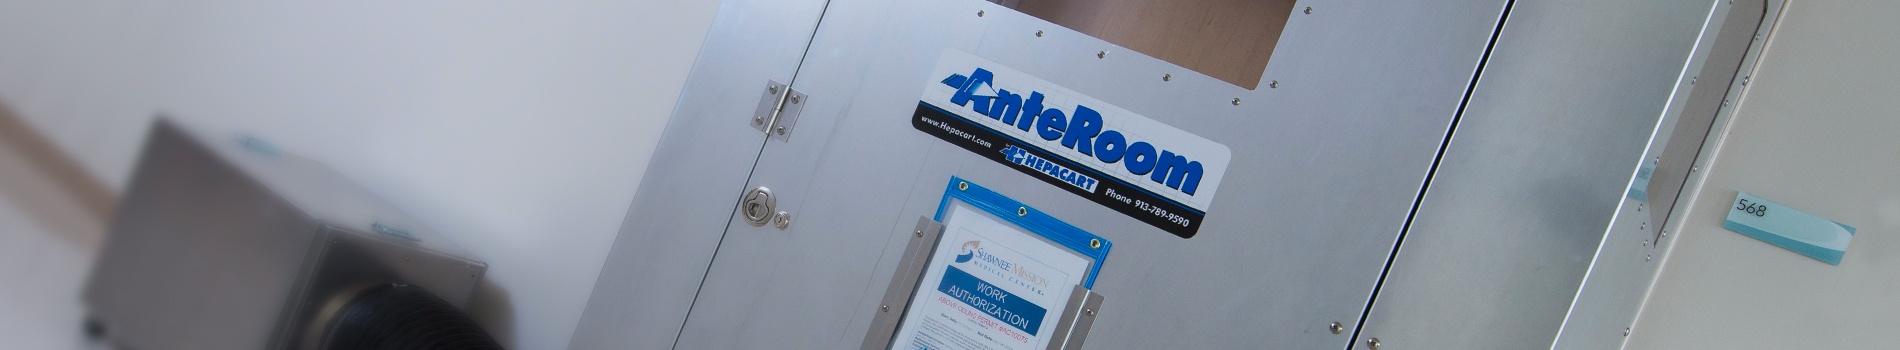 AnteRoom-IMG.jpg